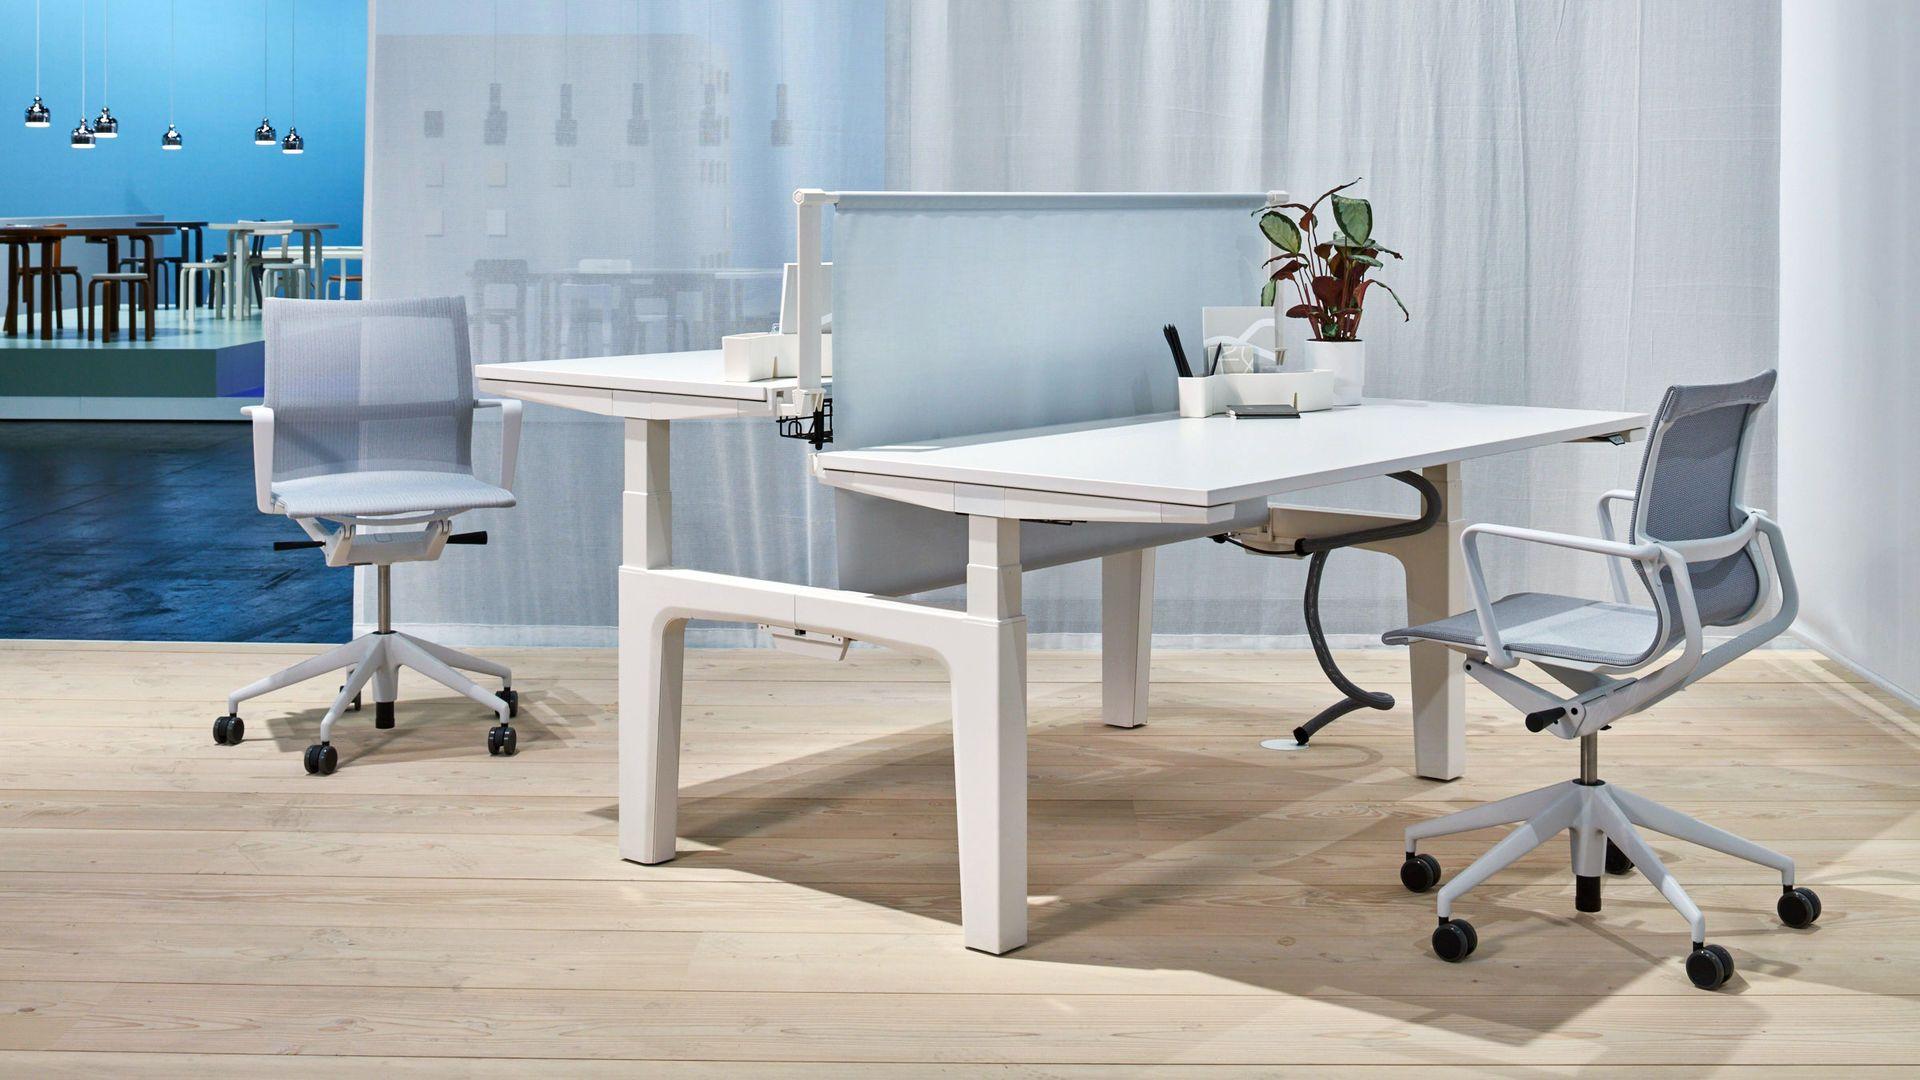 Vitra Orgatec 2016 Cds 060 Web 16 9 Office Furniture Design